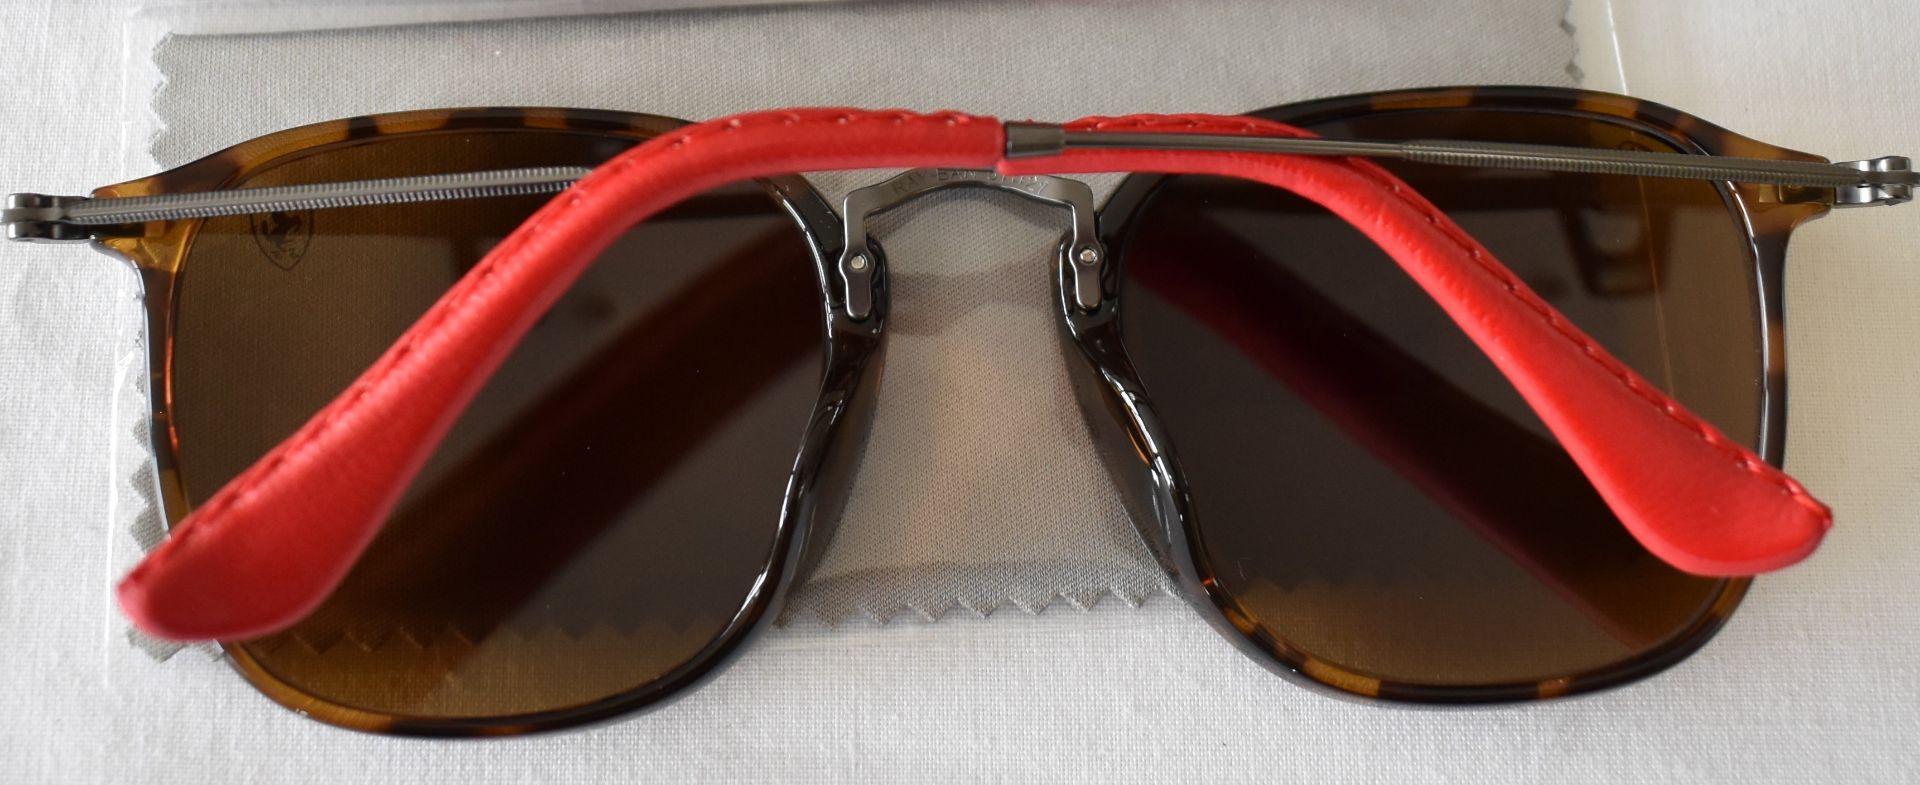 Ray Ban Sunglasses (Ferrari)ORB2448N 710 *3N - Image 3 of 4